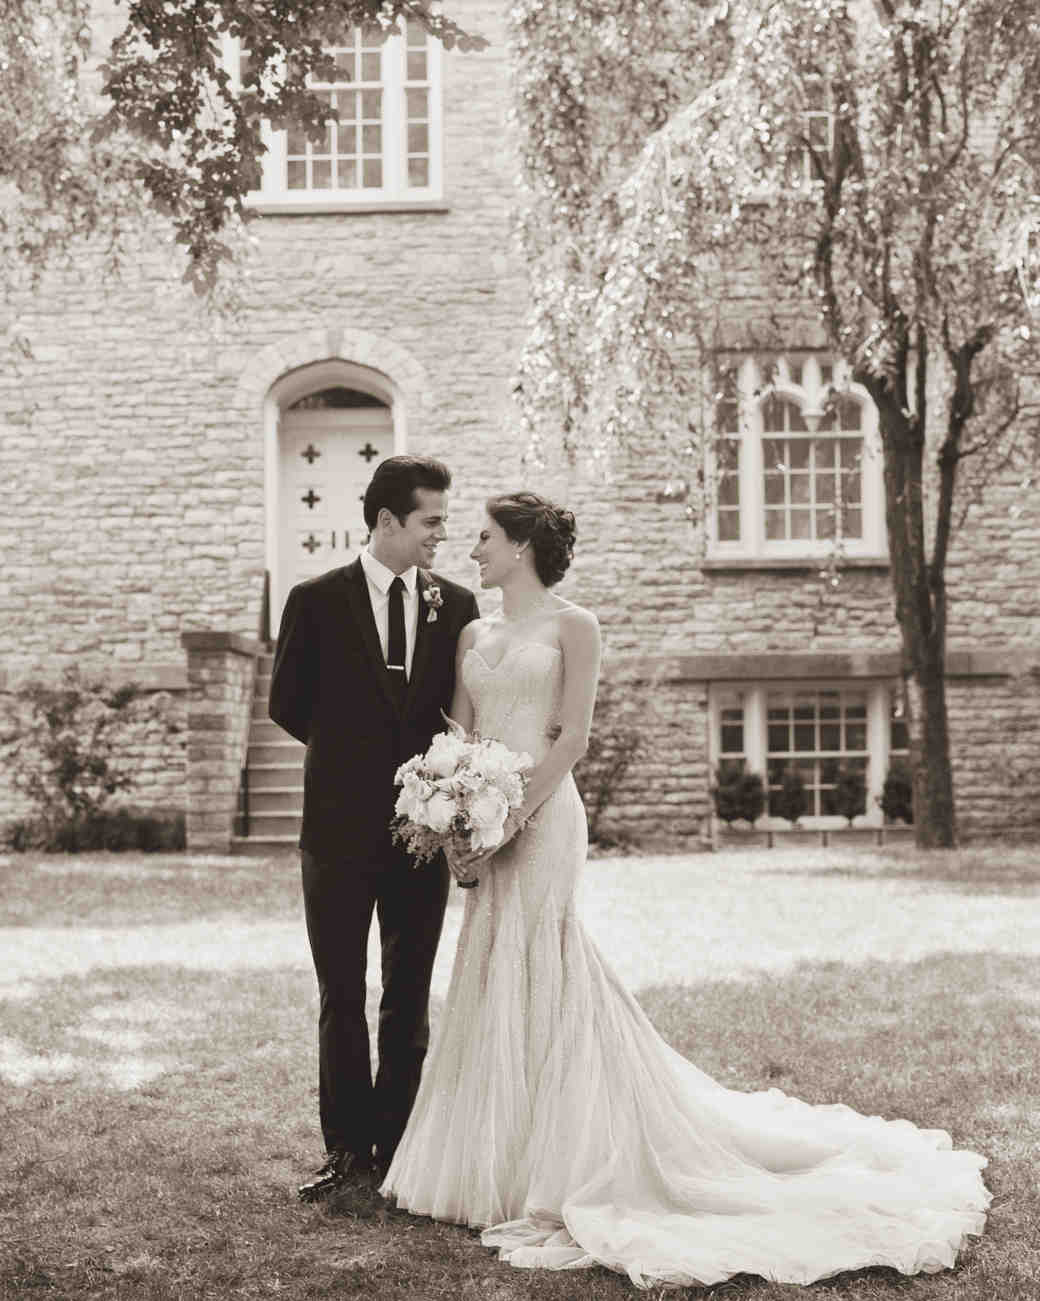 tiler-robbie-bride-groom-003-hr-d111357-bw.jpg